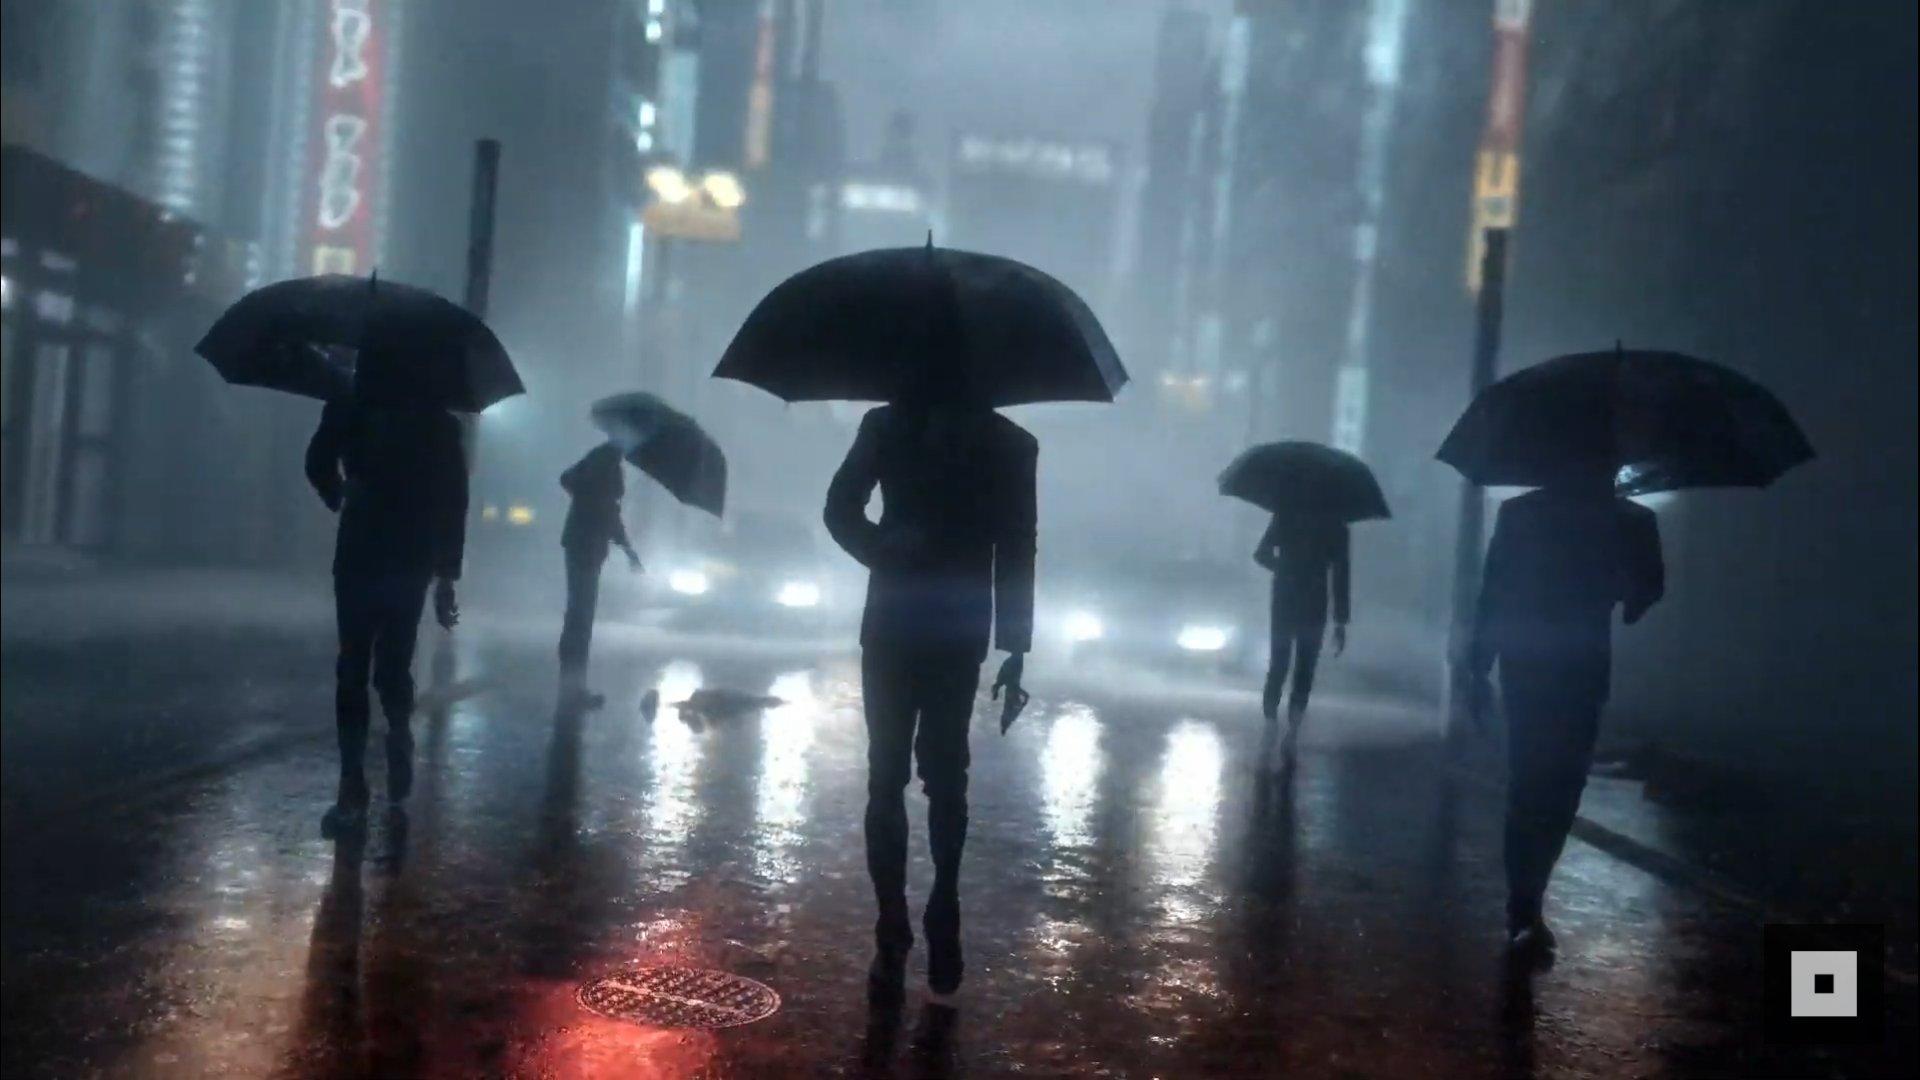 Imagem de Ghostwire: Tokyo com várias pessoas andando na chuva com guarda-chuvas.